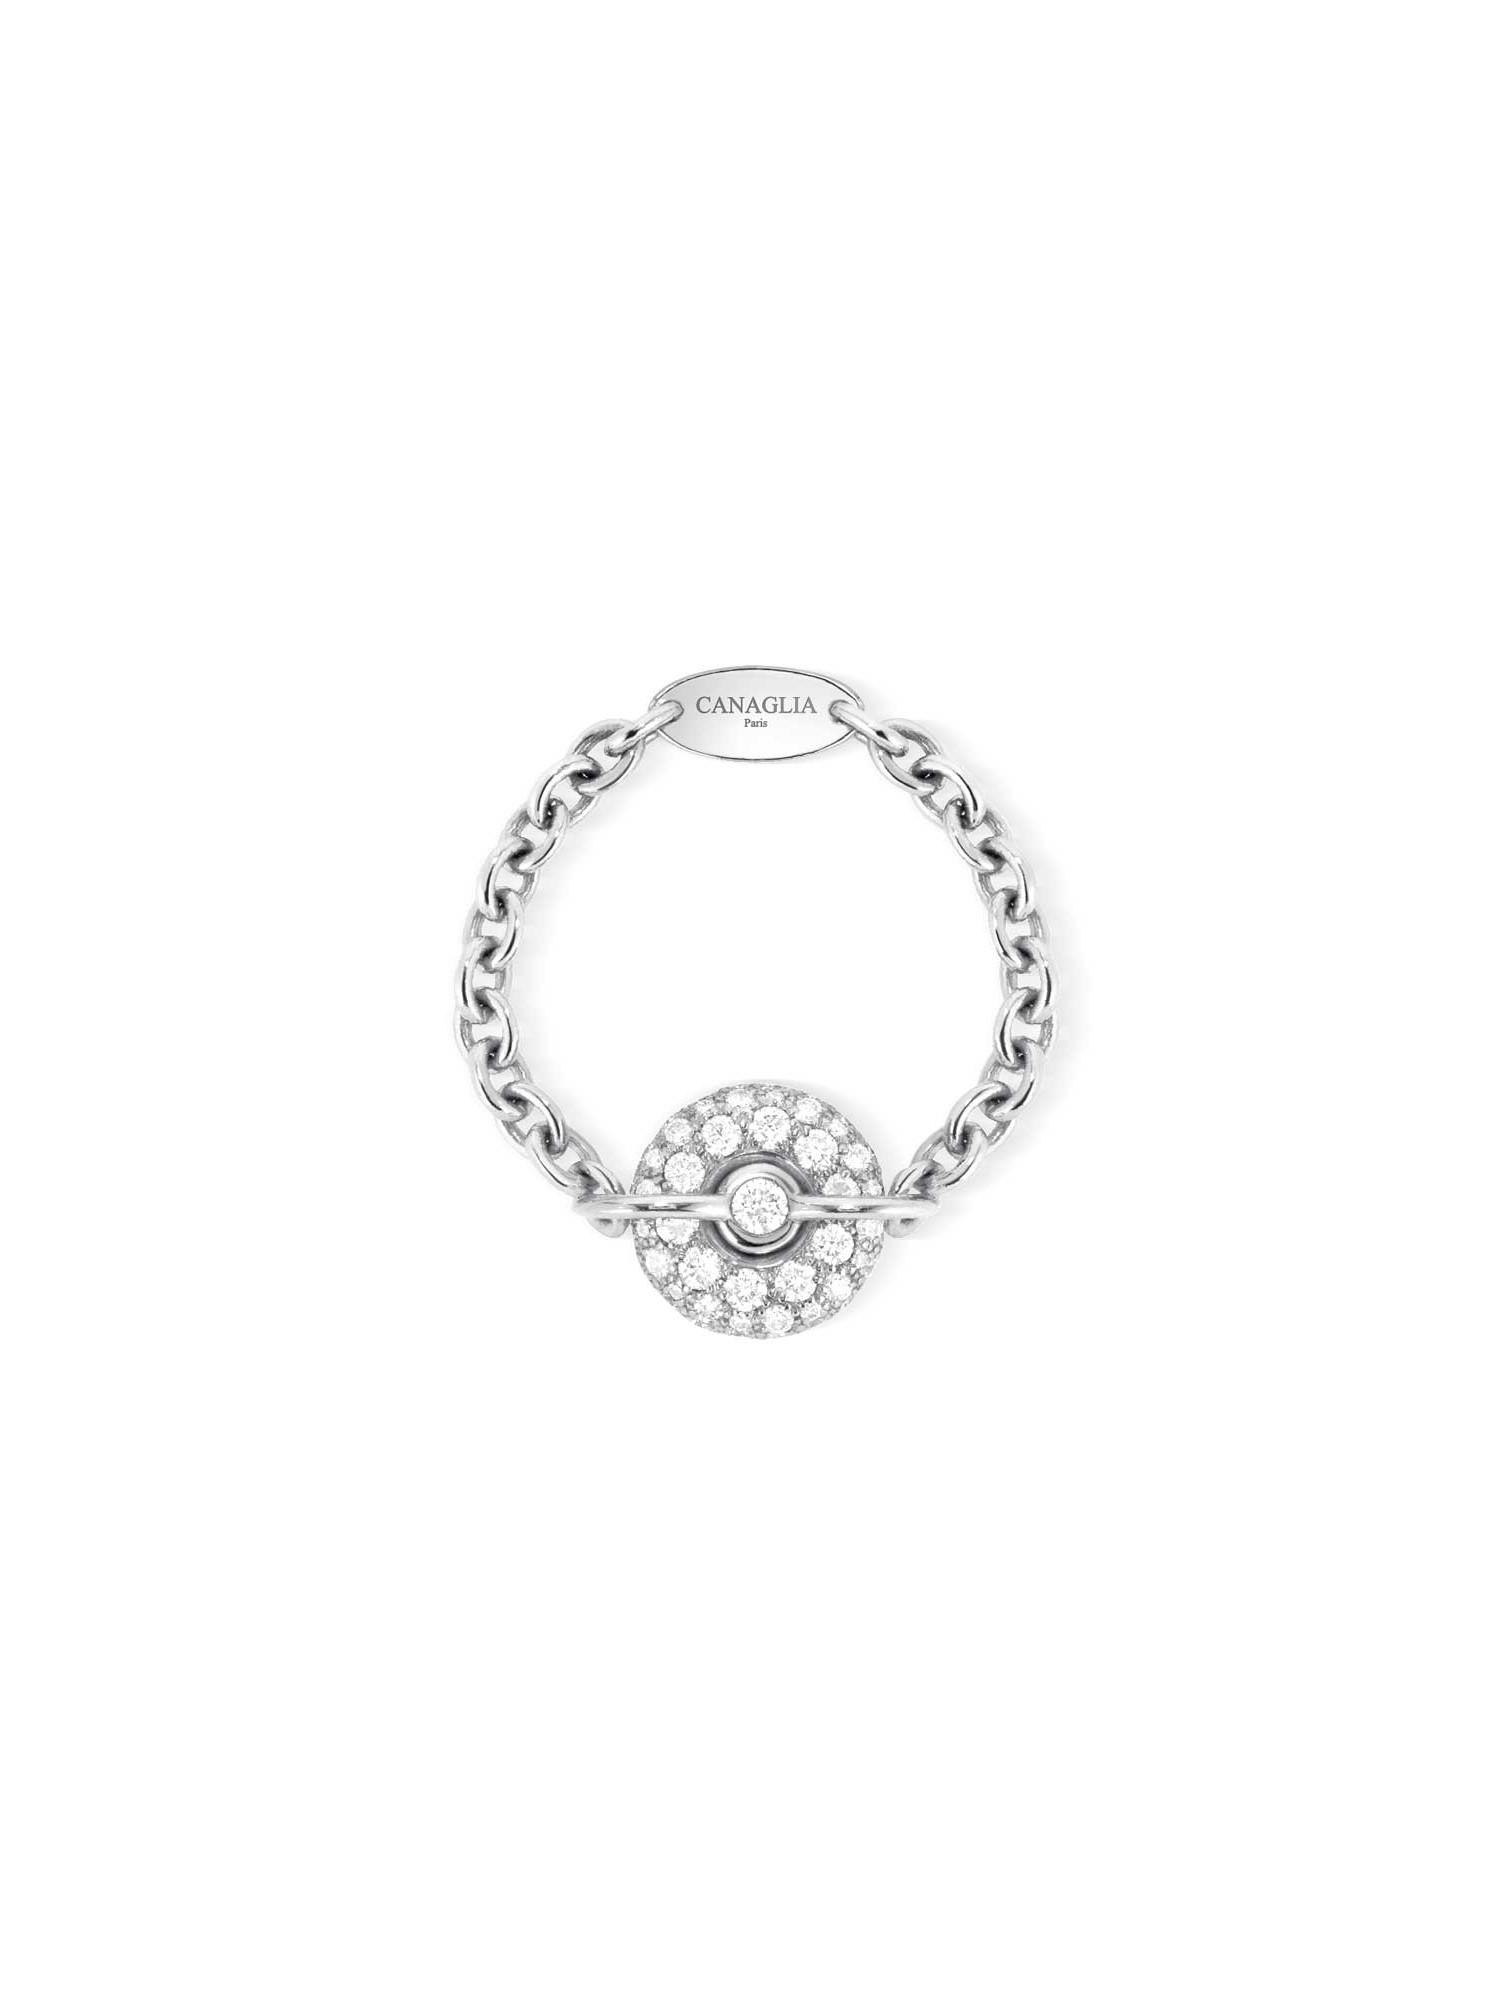 Bague chaine or gris et diamants - Joaillerie Canaglia Paris-Milan